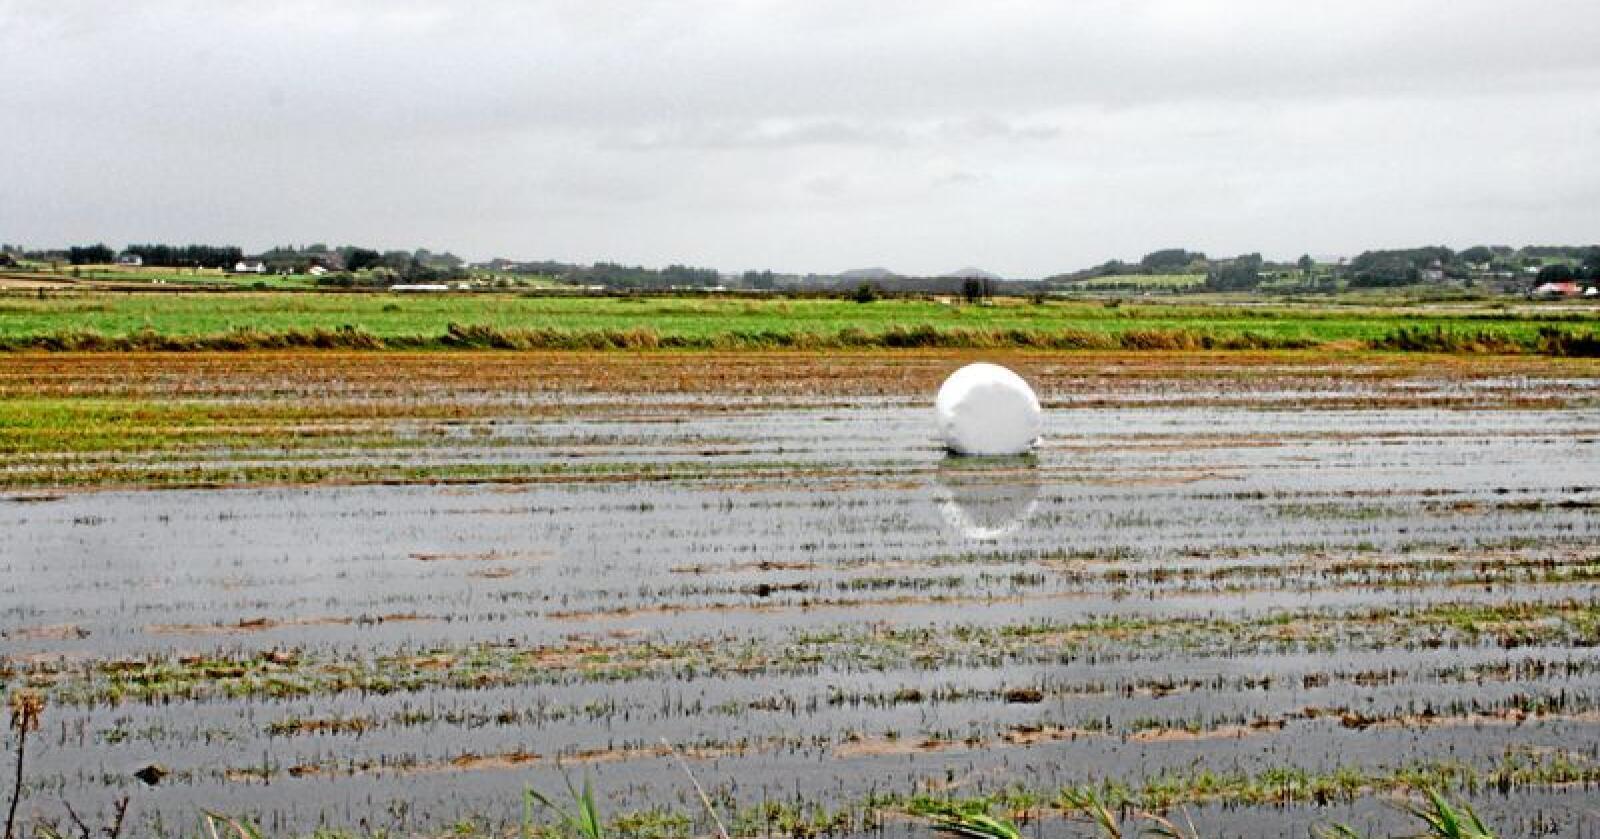 Nye tider: Klimaet endres, landbruket må endres. Foto: Bjarne B. Aase